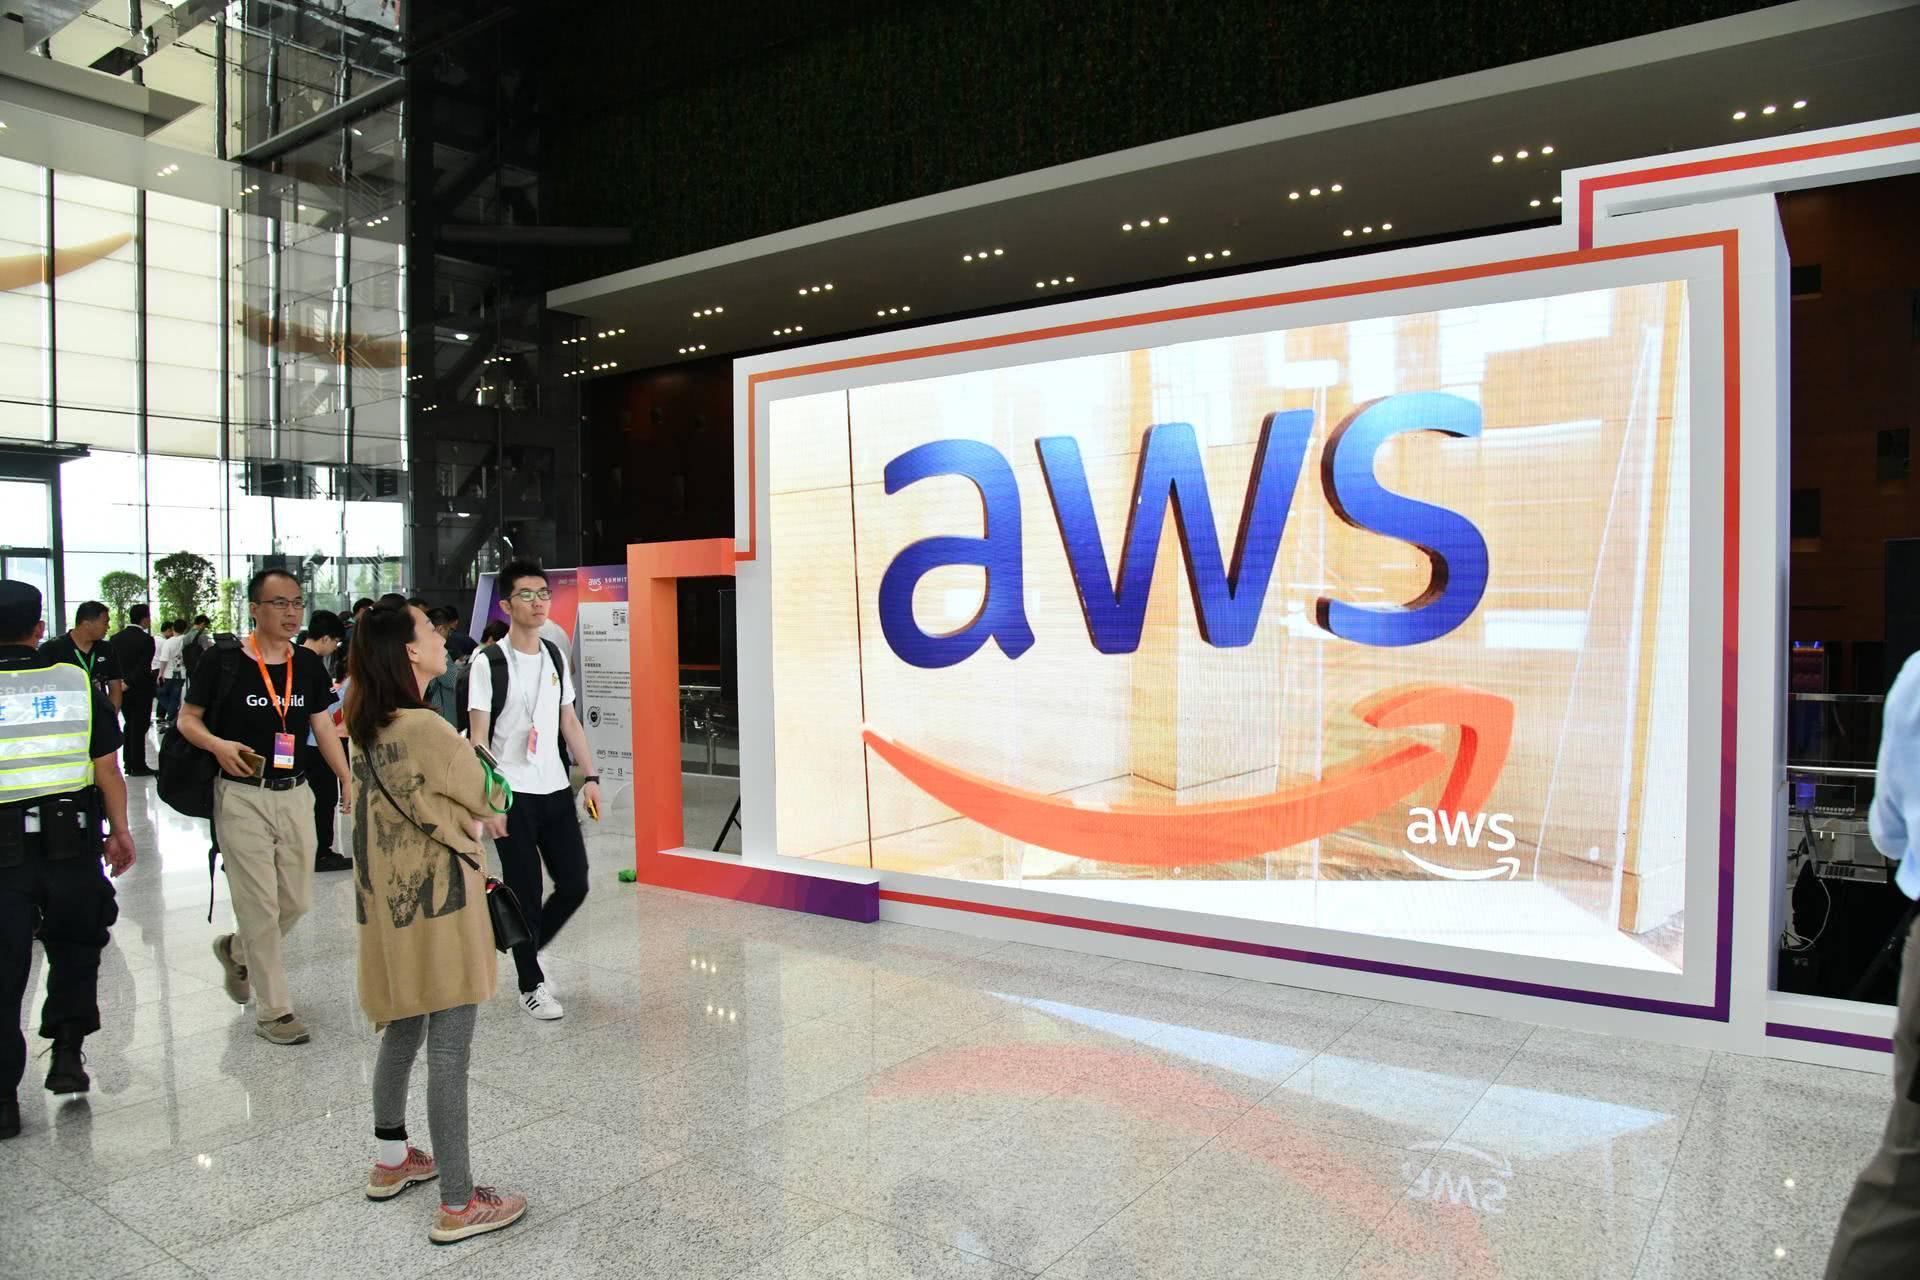 亚马逊AWS中国合作伙伴发招,动员IT自由业者加入云服务行列